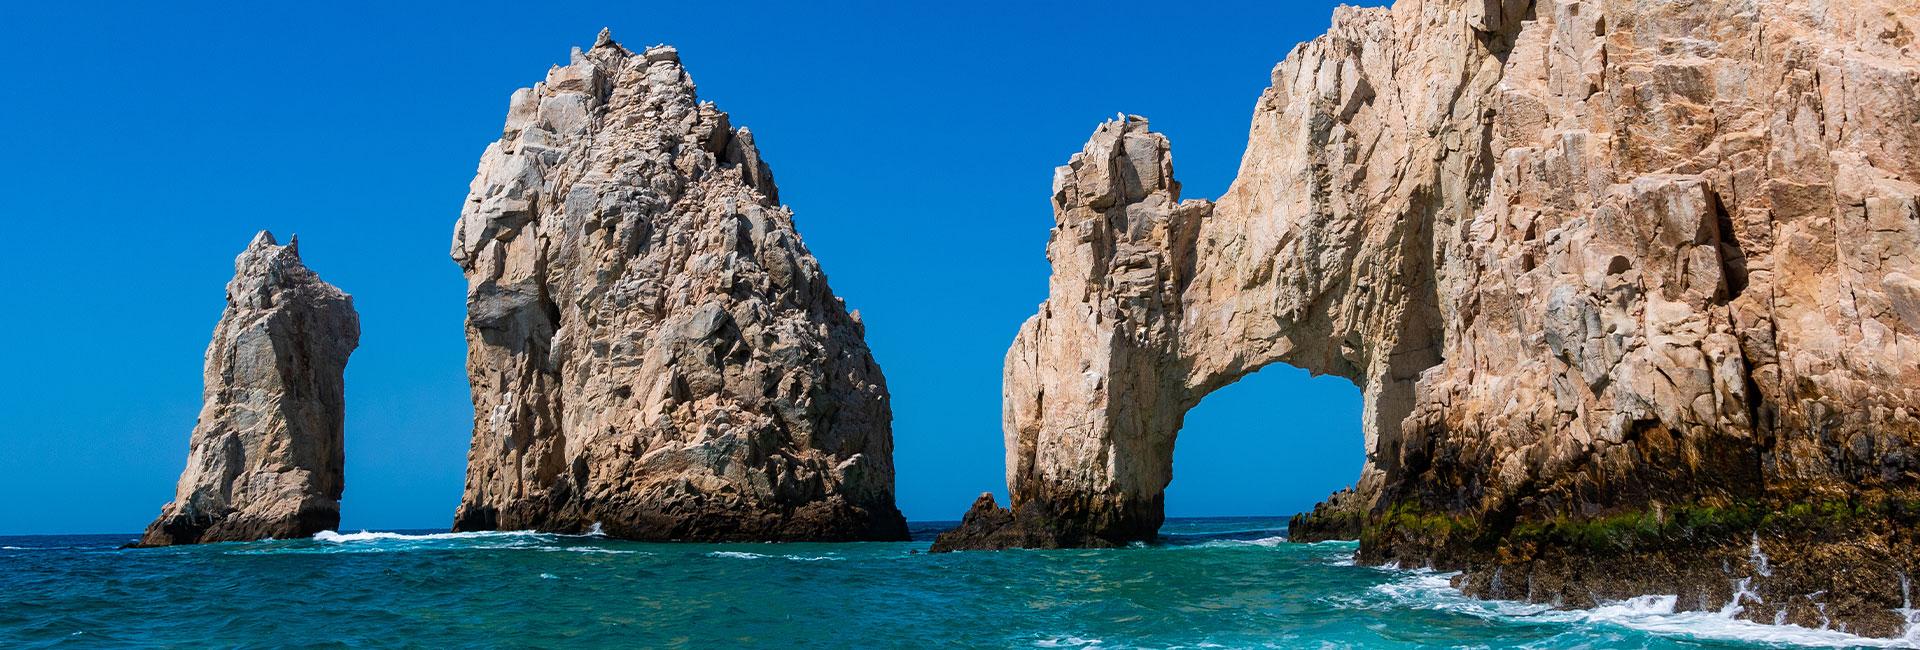 The arch of los cabos mexico